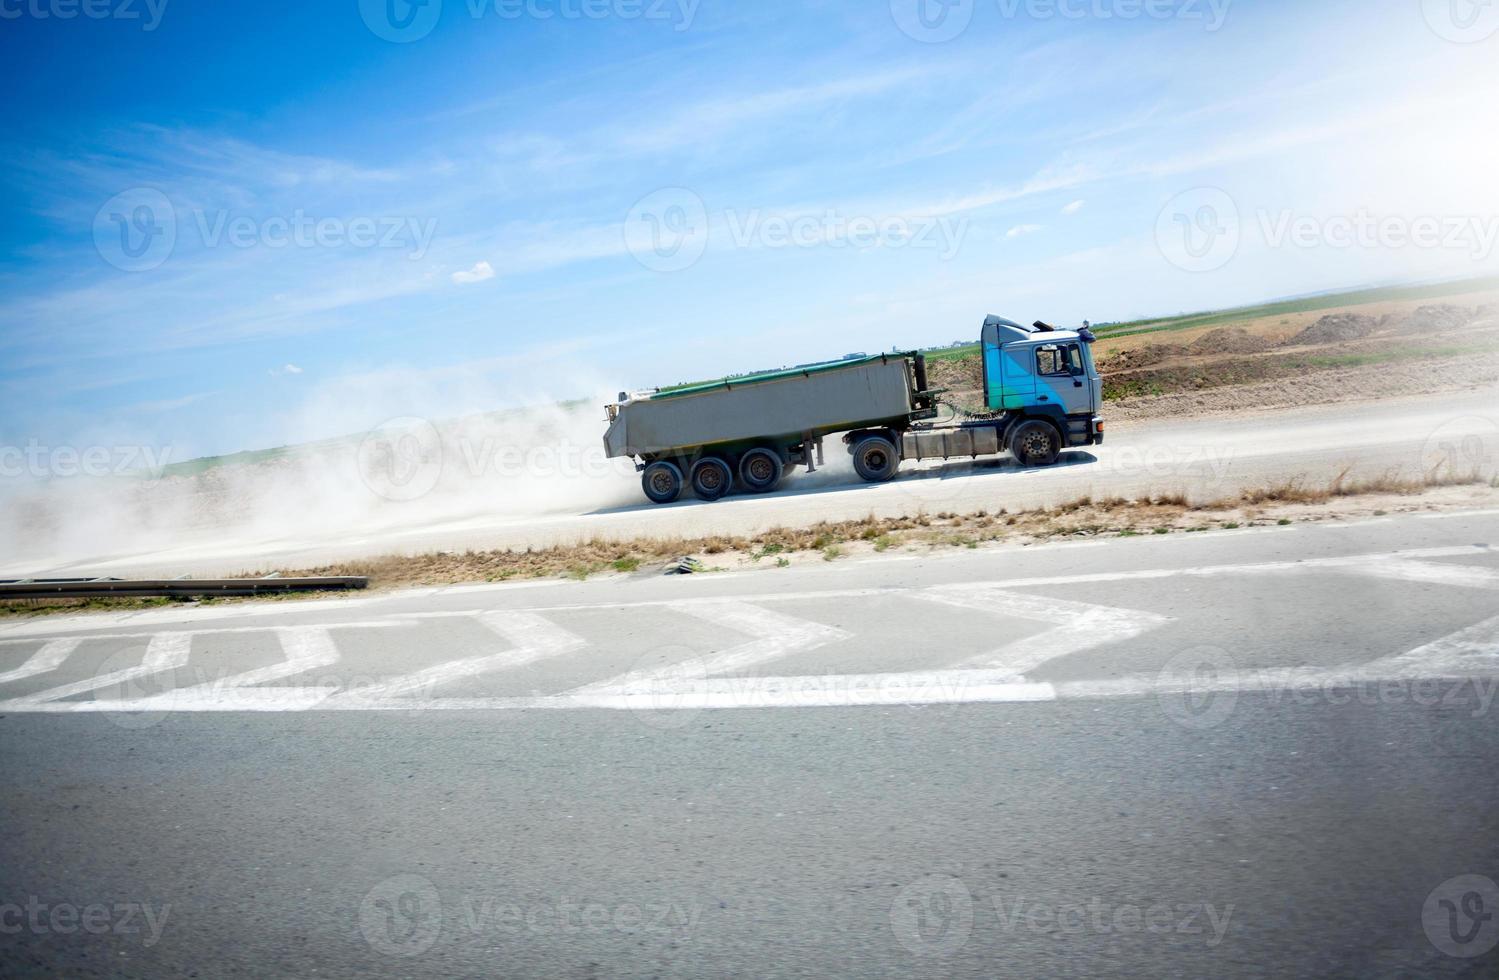 LKW auf Hügel starten Straße, die Fracht transportiert foto